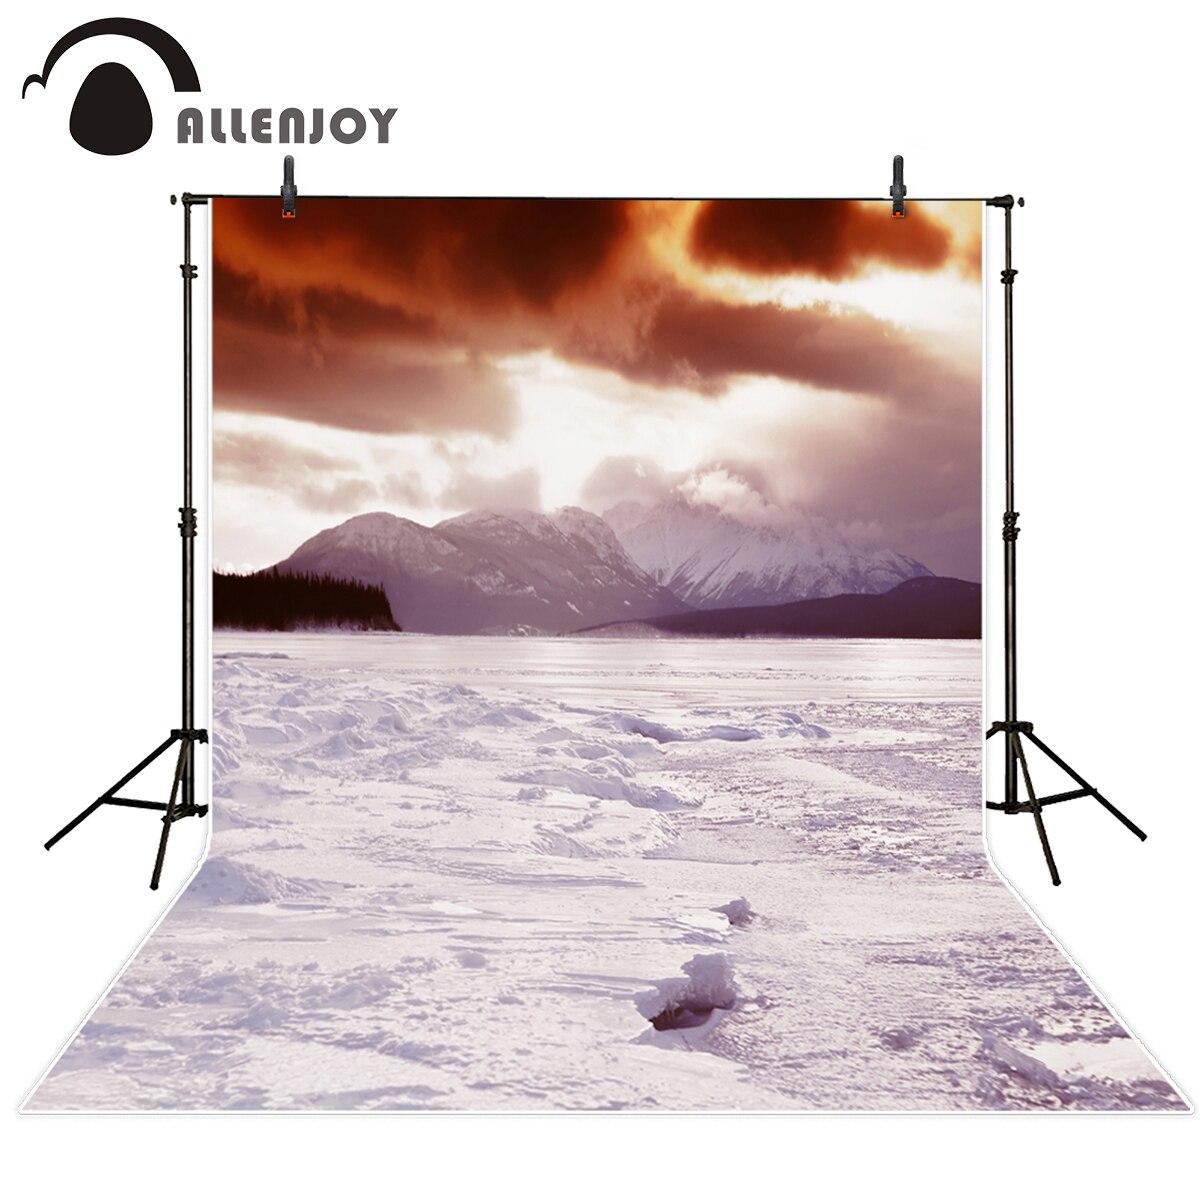 Allenjoy nhiếp ảnh nền tuyết leo núi đồng bằng khung cảnh thiên nhiên mùa đông ảnh nền vinyl nhiếp ảnh studio chuyên nghiệp trong Allenjoy nhiếp ảnh nền ...